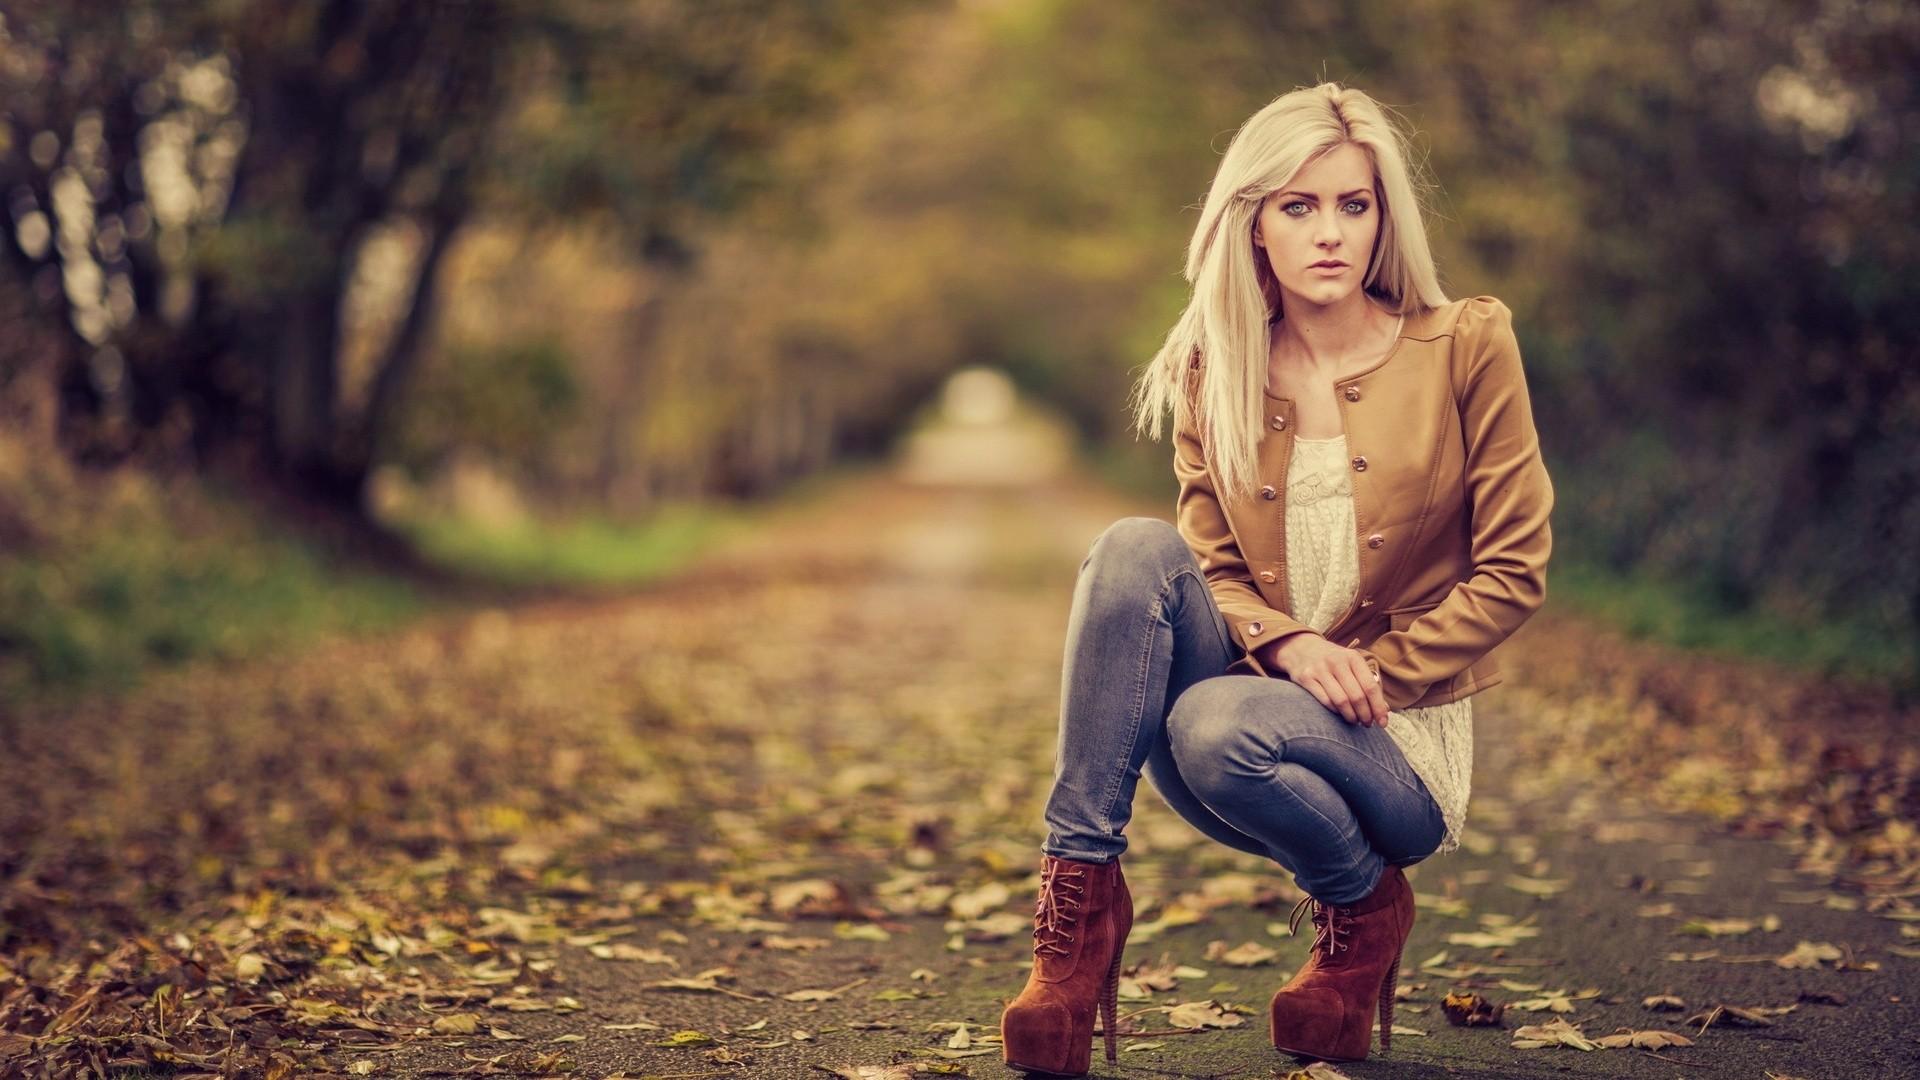 outdoors Blonde kneeling